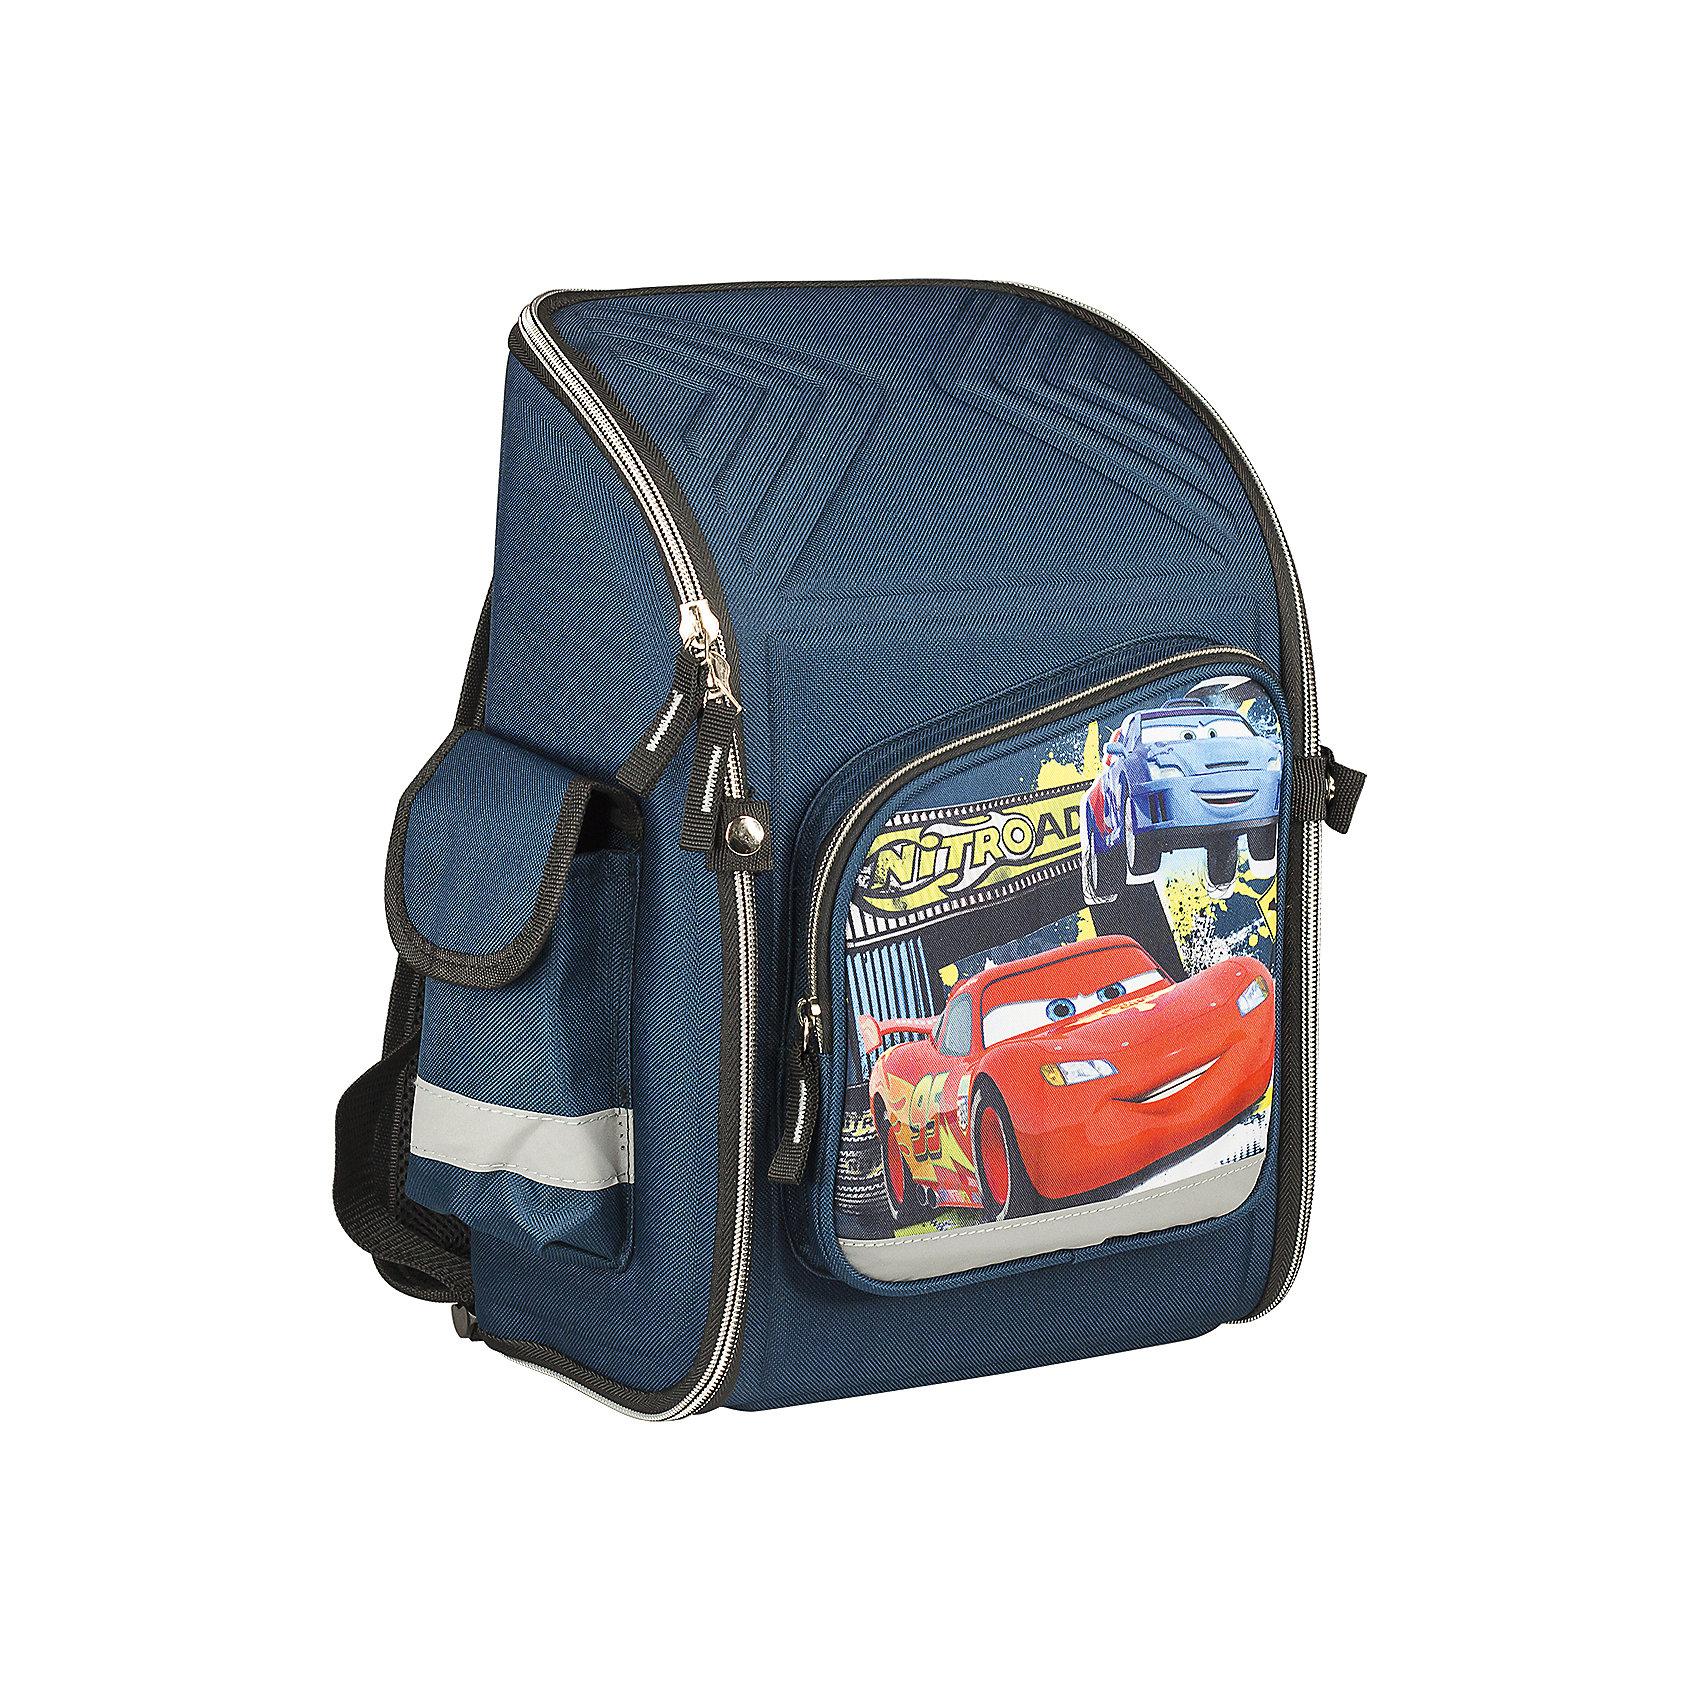 Школьный ранец-трансформер с EVA-спинкой, ТачкиТачки<br>Ранец-трансформер с EVA-спинкой, Тачки - идеальный вариант для школьных занятий. Ранец выполнен из прочного водонепроницаемого полиэстера темно-синей расцветки и имеет оригинальный спортивный дизайн в стиле популярного диснеевского мультфильма Cars. Благодаря плотной профилактической EVA-спинке позвоночник ребенка не будет испытывать больших нагрузок во время эксплуатации рюкзака. Широкие лямки с поролоном и воздухообменным сетчатым материалом регулируются по длине и равномерно распределяют нагрузку на плечевой пояс. Также есть удобная прорезиненная ручка, за которую можно нести ранец. Изделие имеет жёсткий каркас, при необходимости легко складывается для удобного хранения. <br><br>Ранец закрывается на застежку-молнию. Внутри основное отделение на молнии с двумя разделителями, которые фиксируются резинкой, чтобы избежать движения предметов. На лицевой стороне расположен большой накладной карман на молнии, а также два маленьких кармана по<br>бокам. Светоотражающие элементы обеспечивают безопасность в темное время суток.<br><br>Дополнительная информация:<br><br>- Материал: полиэстер, текстиль. <br>- Размер: 34,5 х 26 х 13 см.<br>- Вес: 0,65 кг.<br><br>Ранец-трансформер с EVA-спинкой, Тачки, можно купить в нашем интернет-магазине.<br><br>Ширина мм: 345<br>Глубина мм: 260<br>Высота мм: 130<br>Вес г: 650<br>Возраст от месяцев: 48<br>Возраст до месяцев: 84<br>Пол: Мужской<br>Возраст: Детский<br>SKU: 4489528